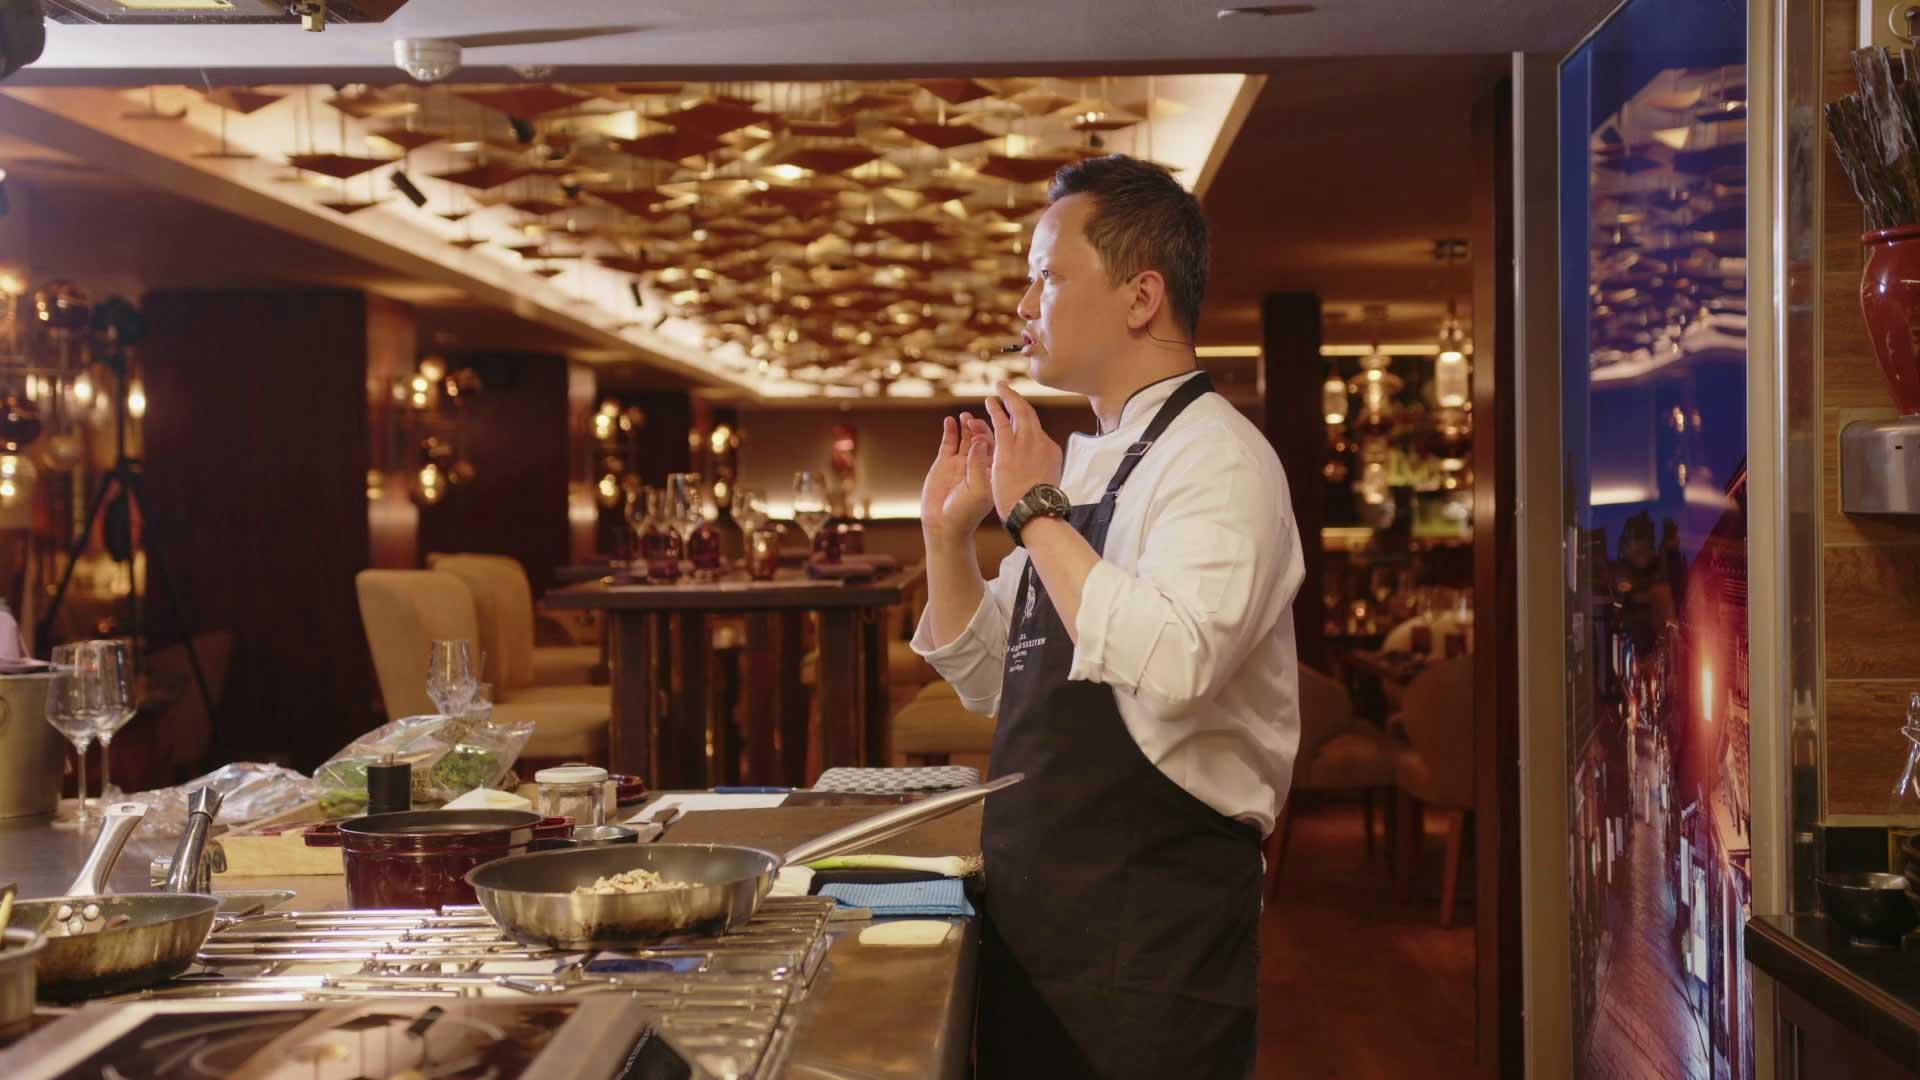 Chefkoch Song Lee führt souverän und mit großer Ruhe durch die Zubereitung von drei Gängen